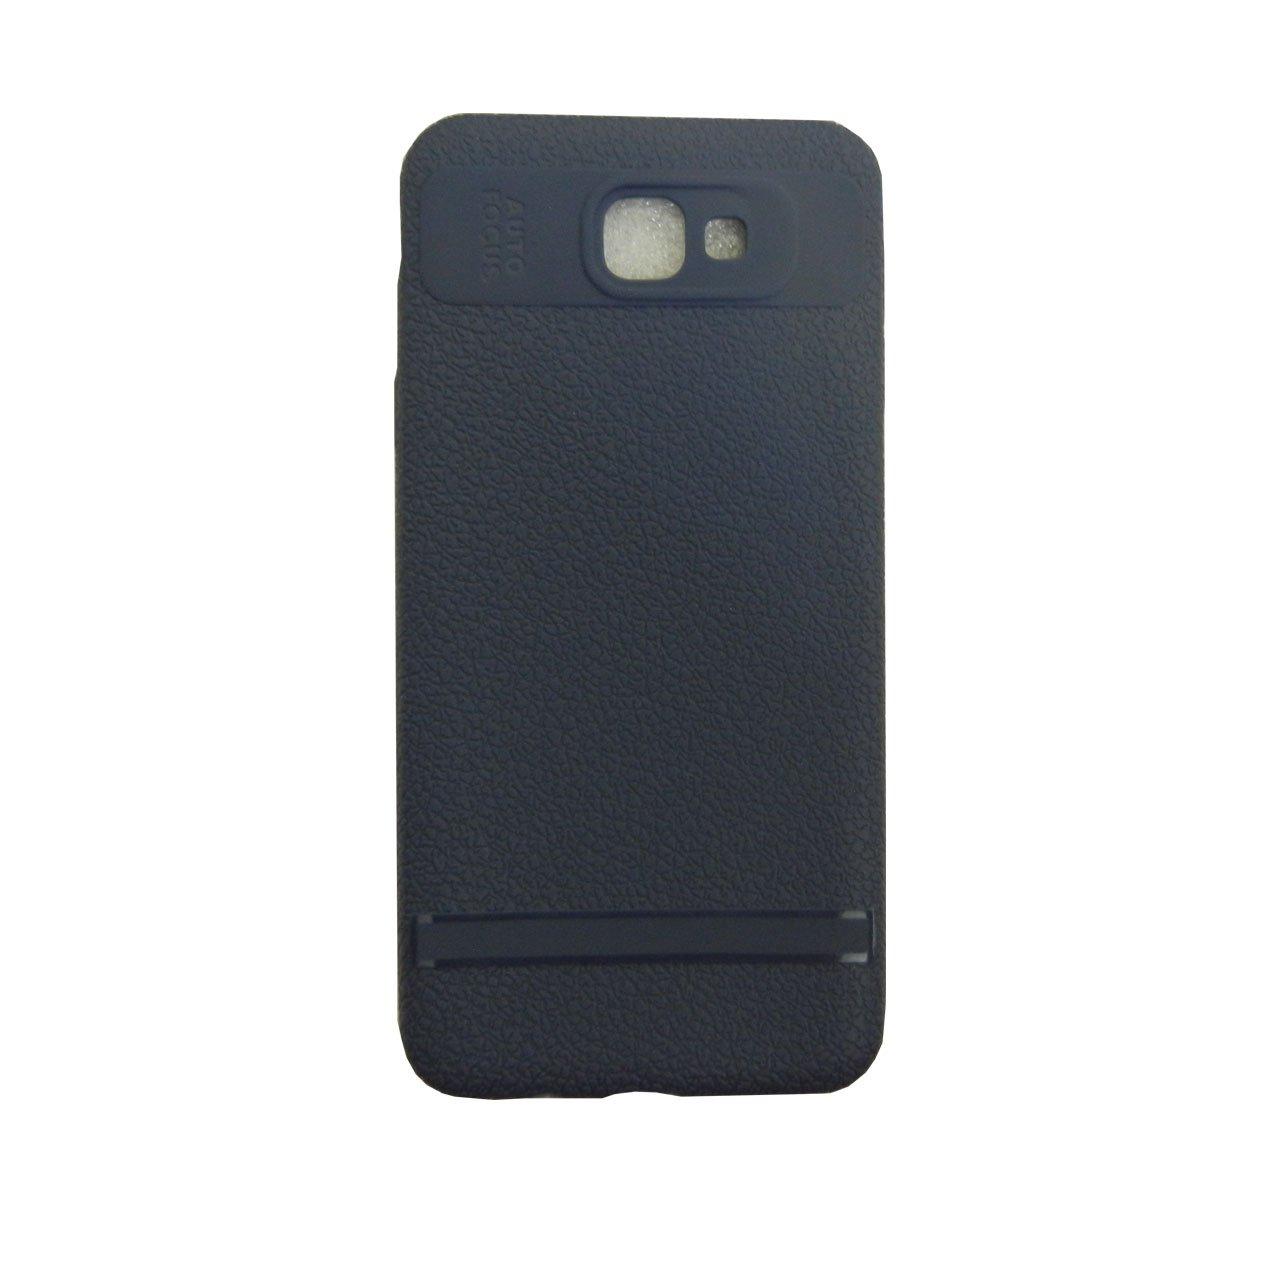 کاور موبایل مناسب برای سامسونگ A720